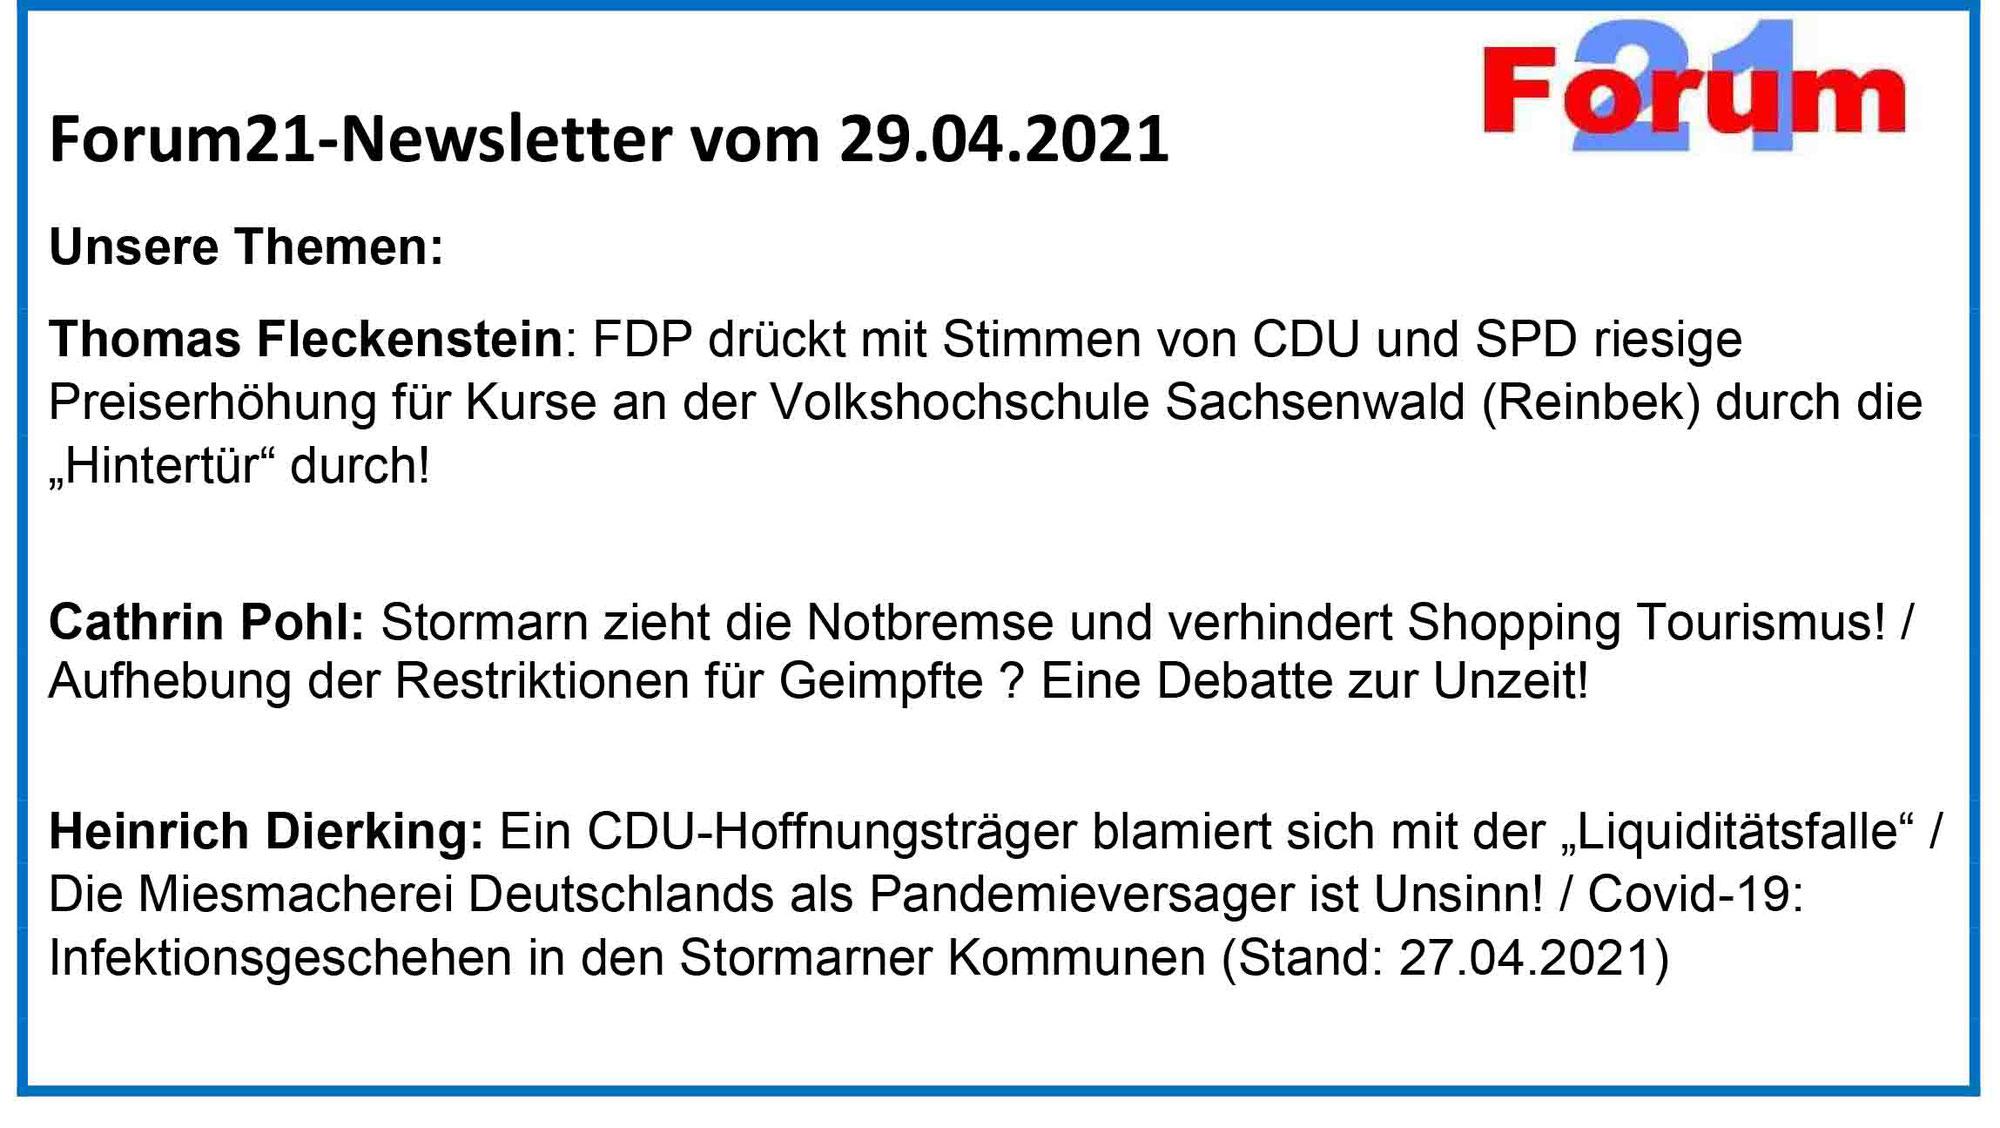 Forum21-Newsletter vom 29.04.2021